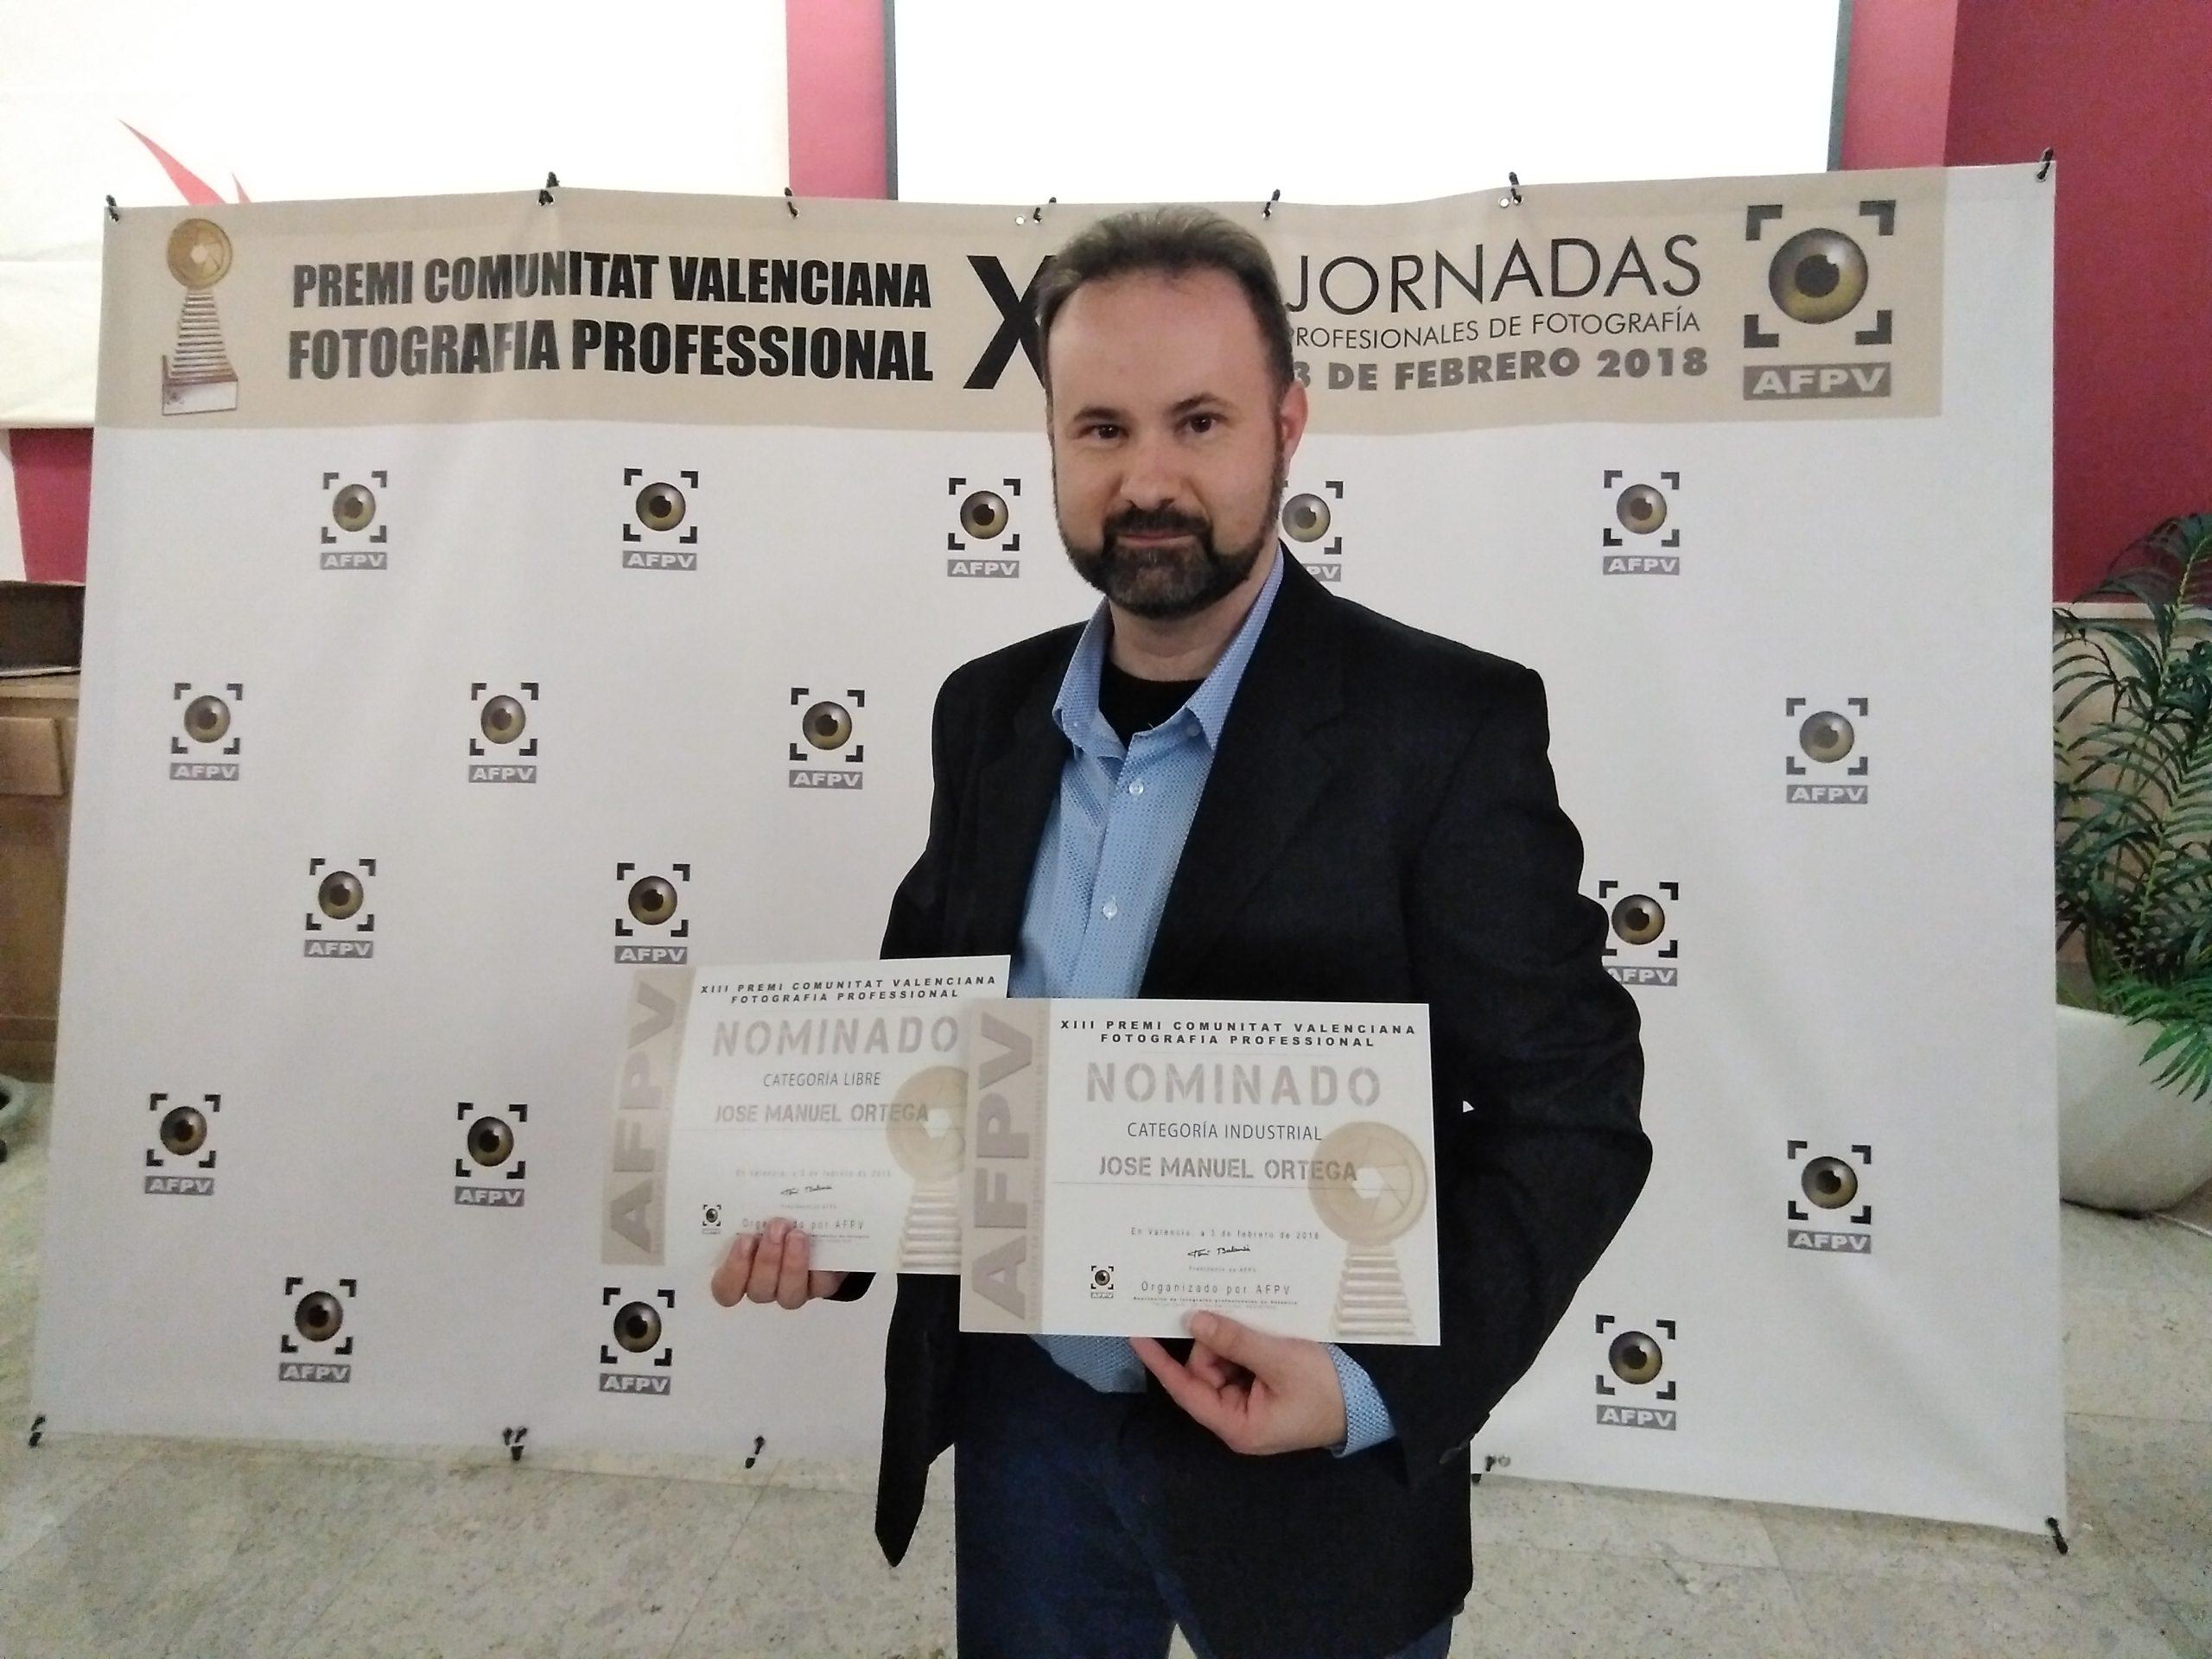 Premios Comunidad Valenciana de fotografía profesional